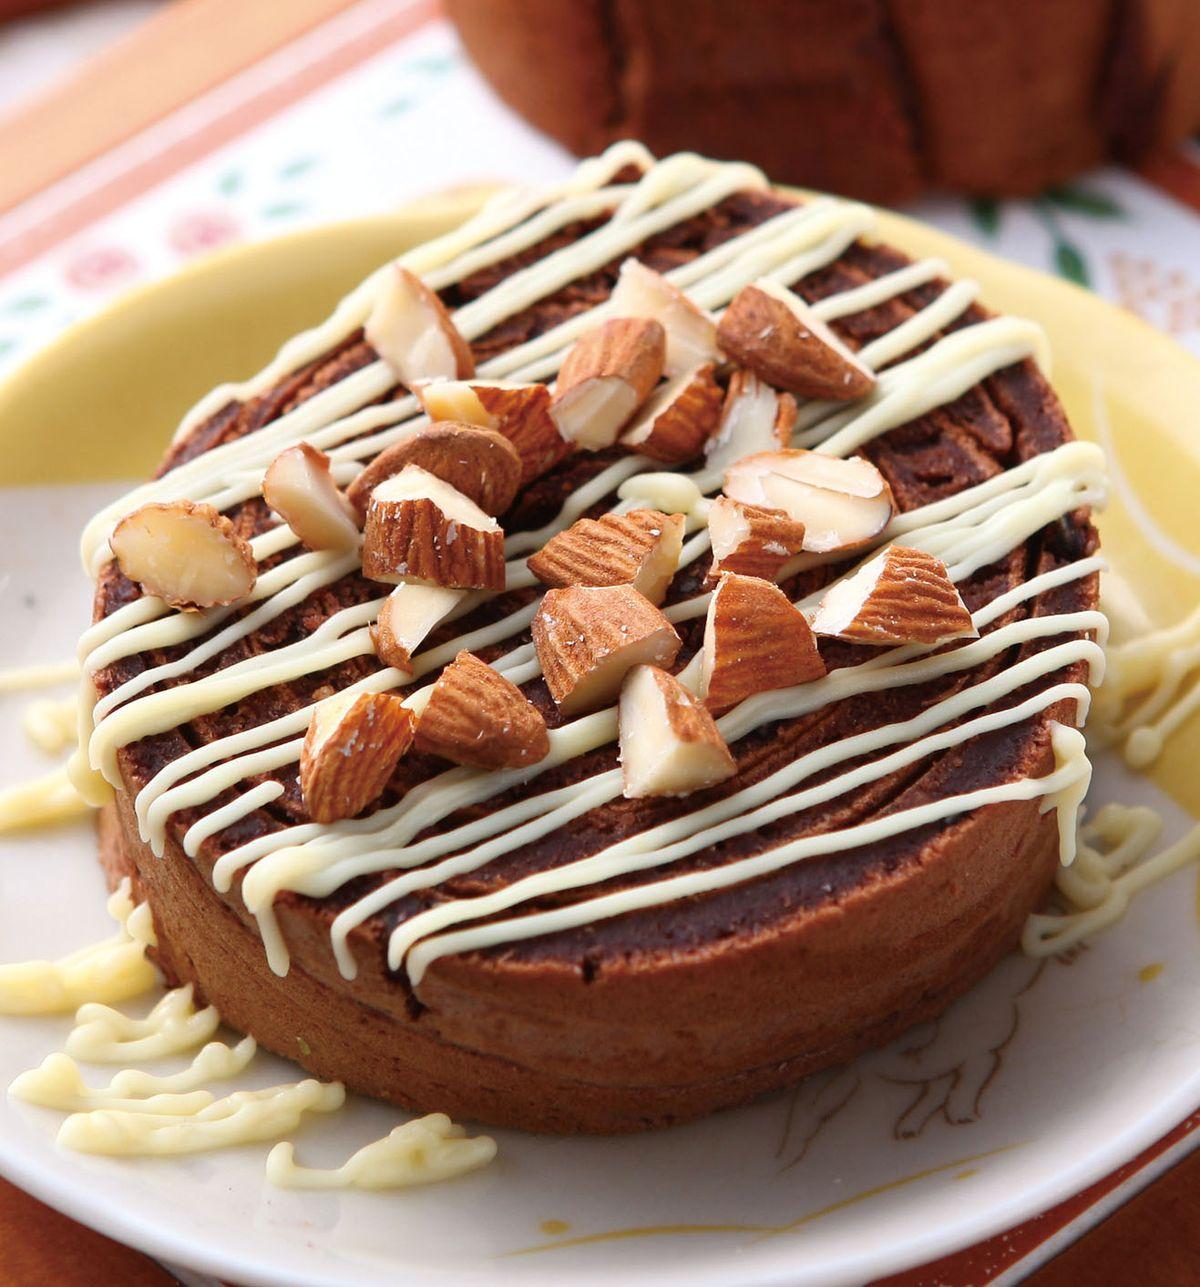 食譜:巧克力年輪蛋糕(1)